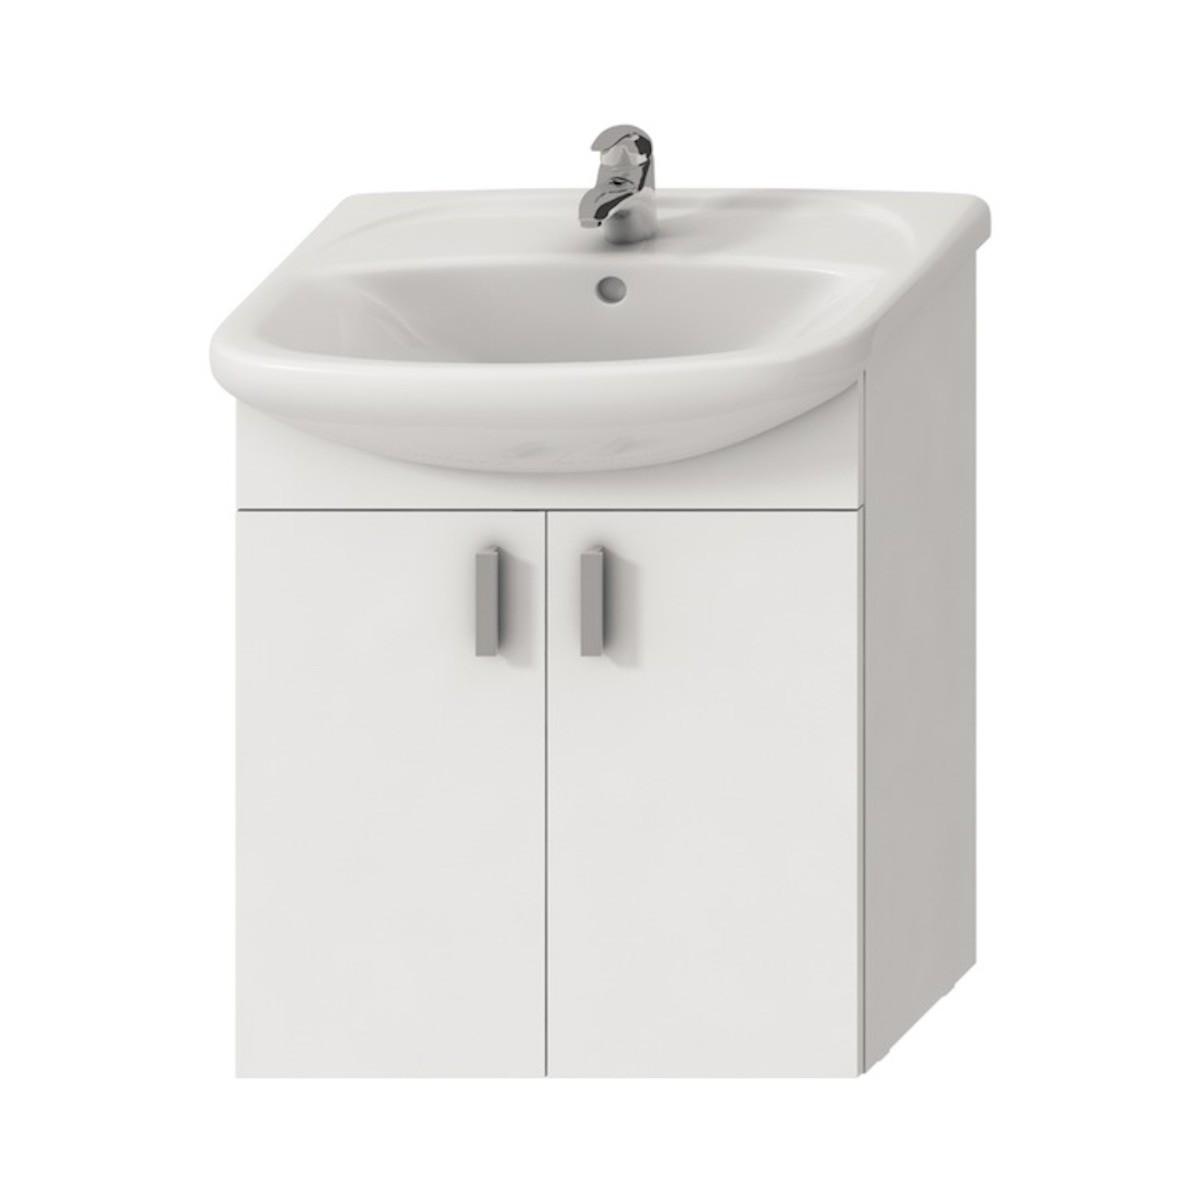 Kúpeľňová skrinka pod umývadlo Jika Lyra plus 64x31x70 cm biela H4519624323001